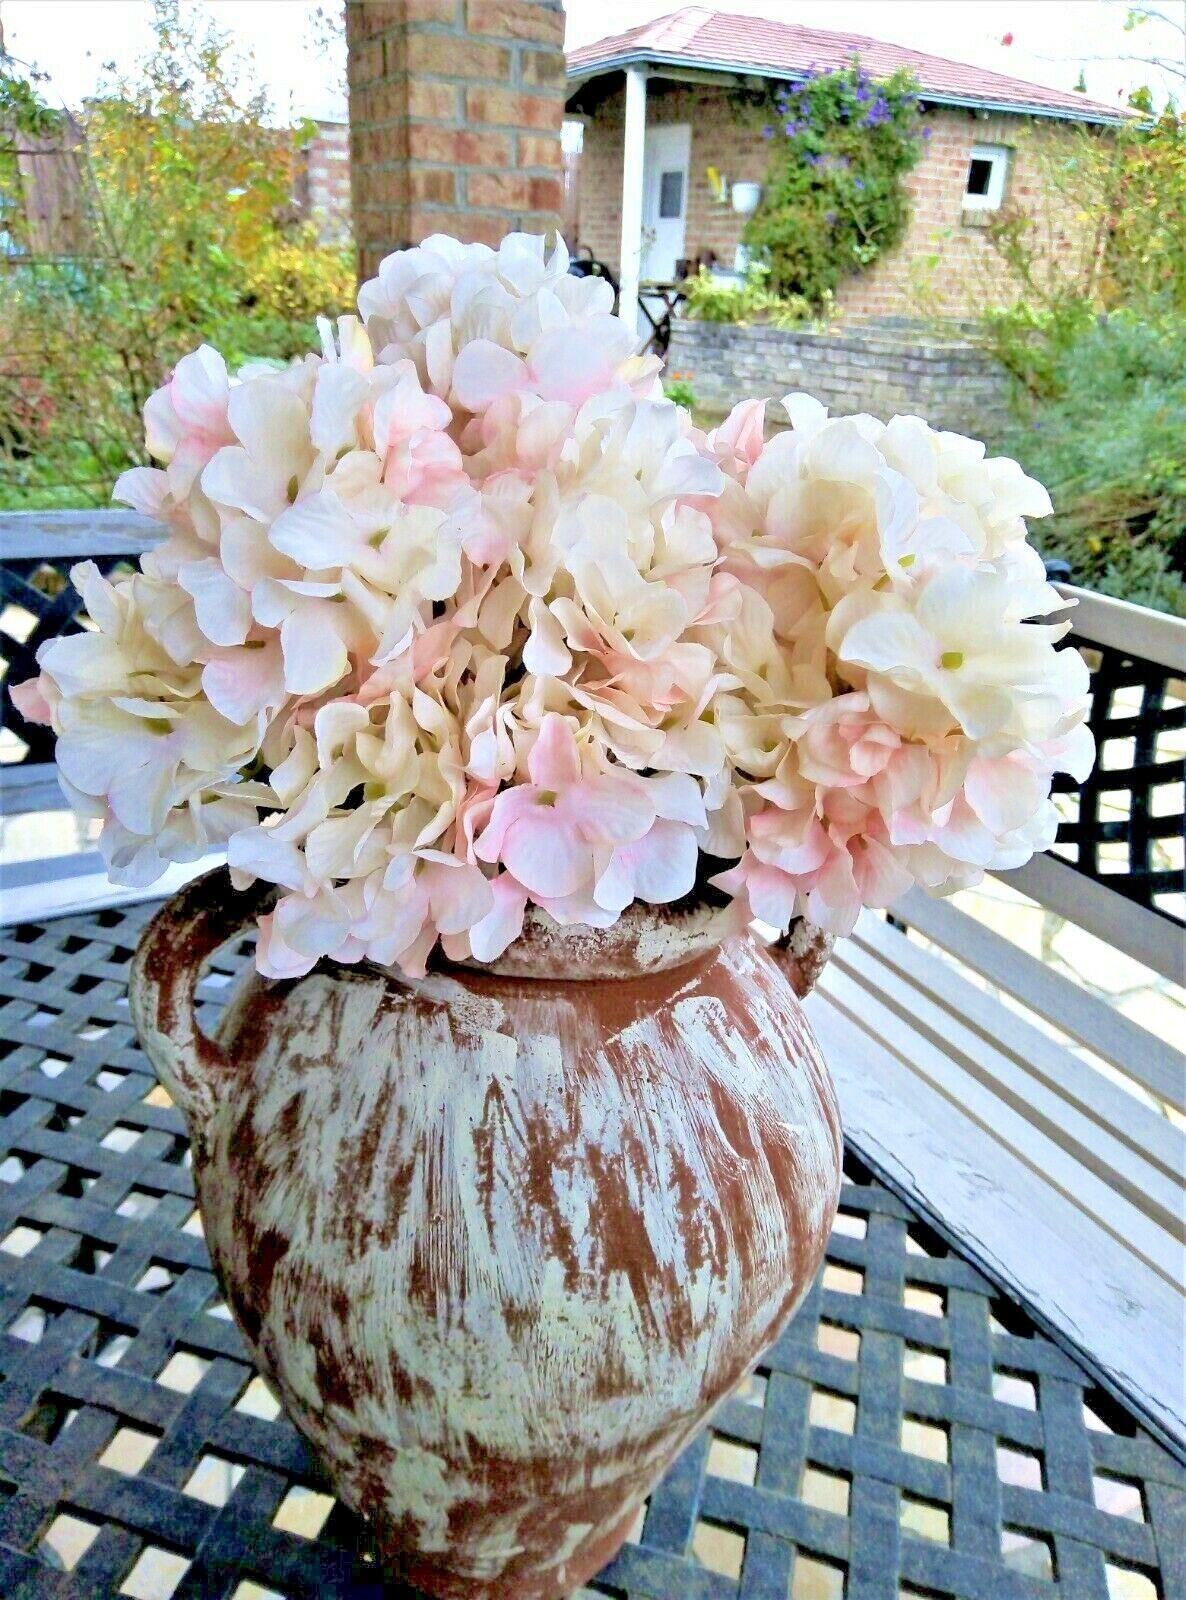 Hortensie Kunstblumen Seidenblumen Blume Shabby Chic Landhaus rosa mit 6 Blüten